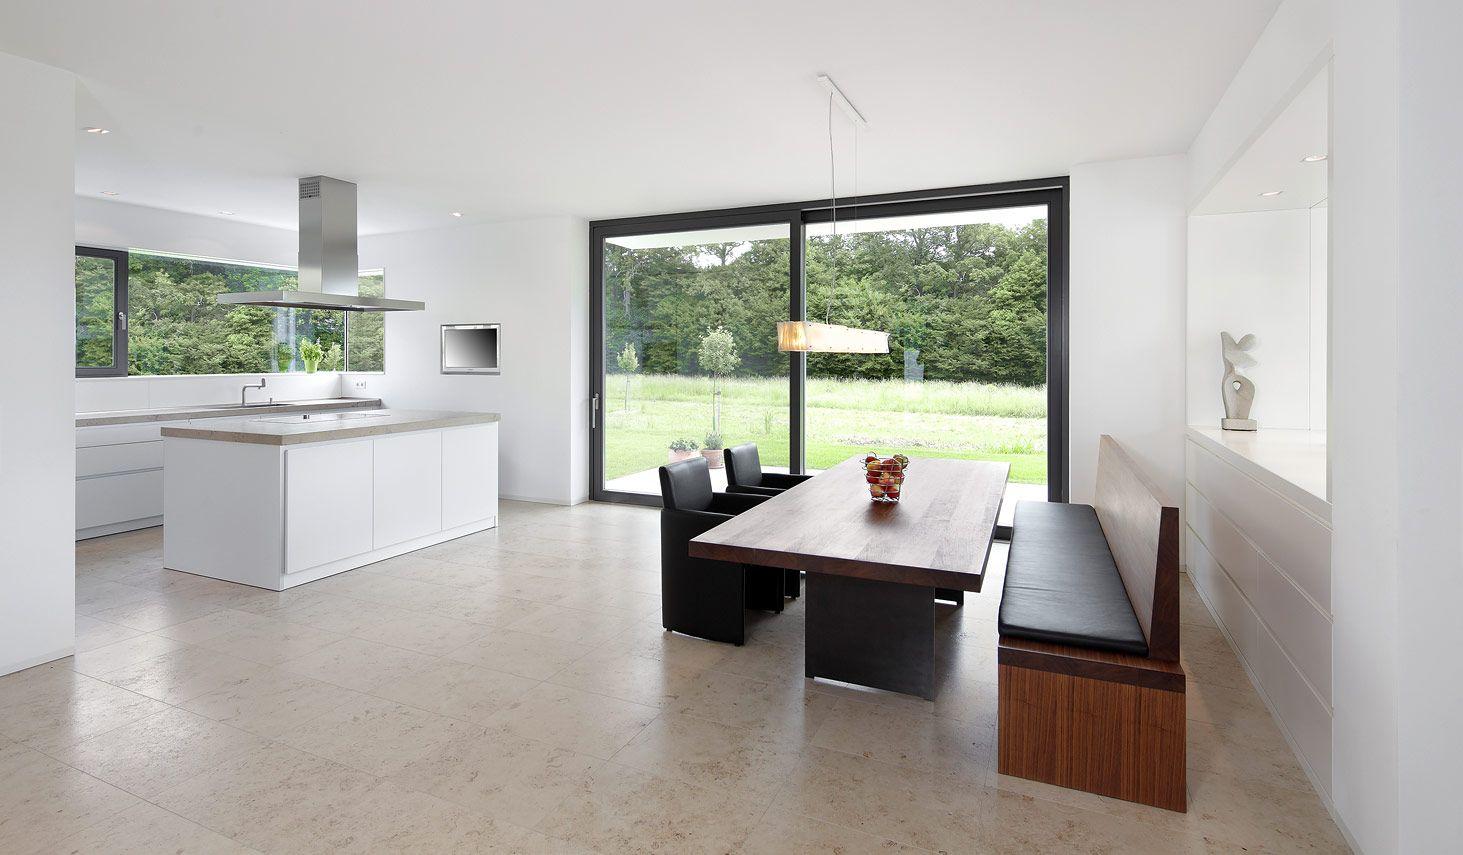 Pin von Birgit Löffler auf Interior   Küchen   Wohnen, Wohnhaus, Haus